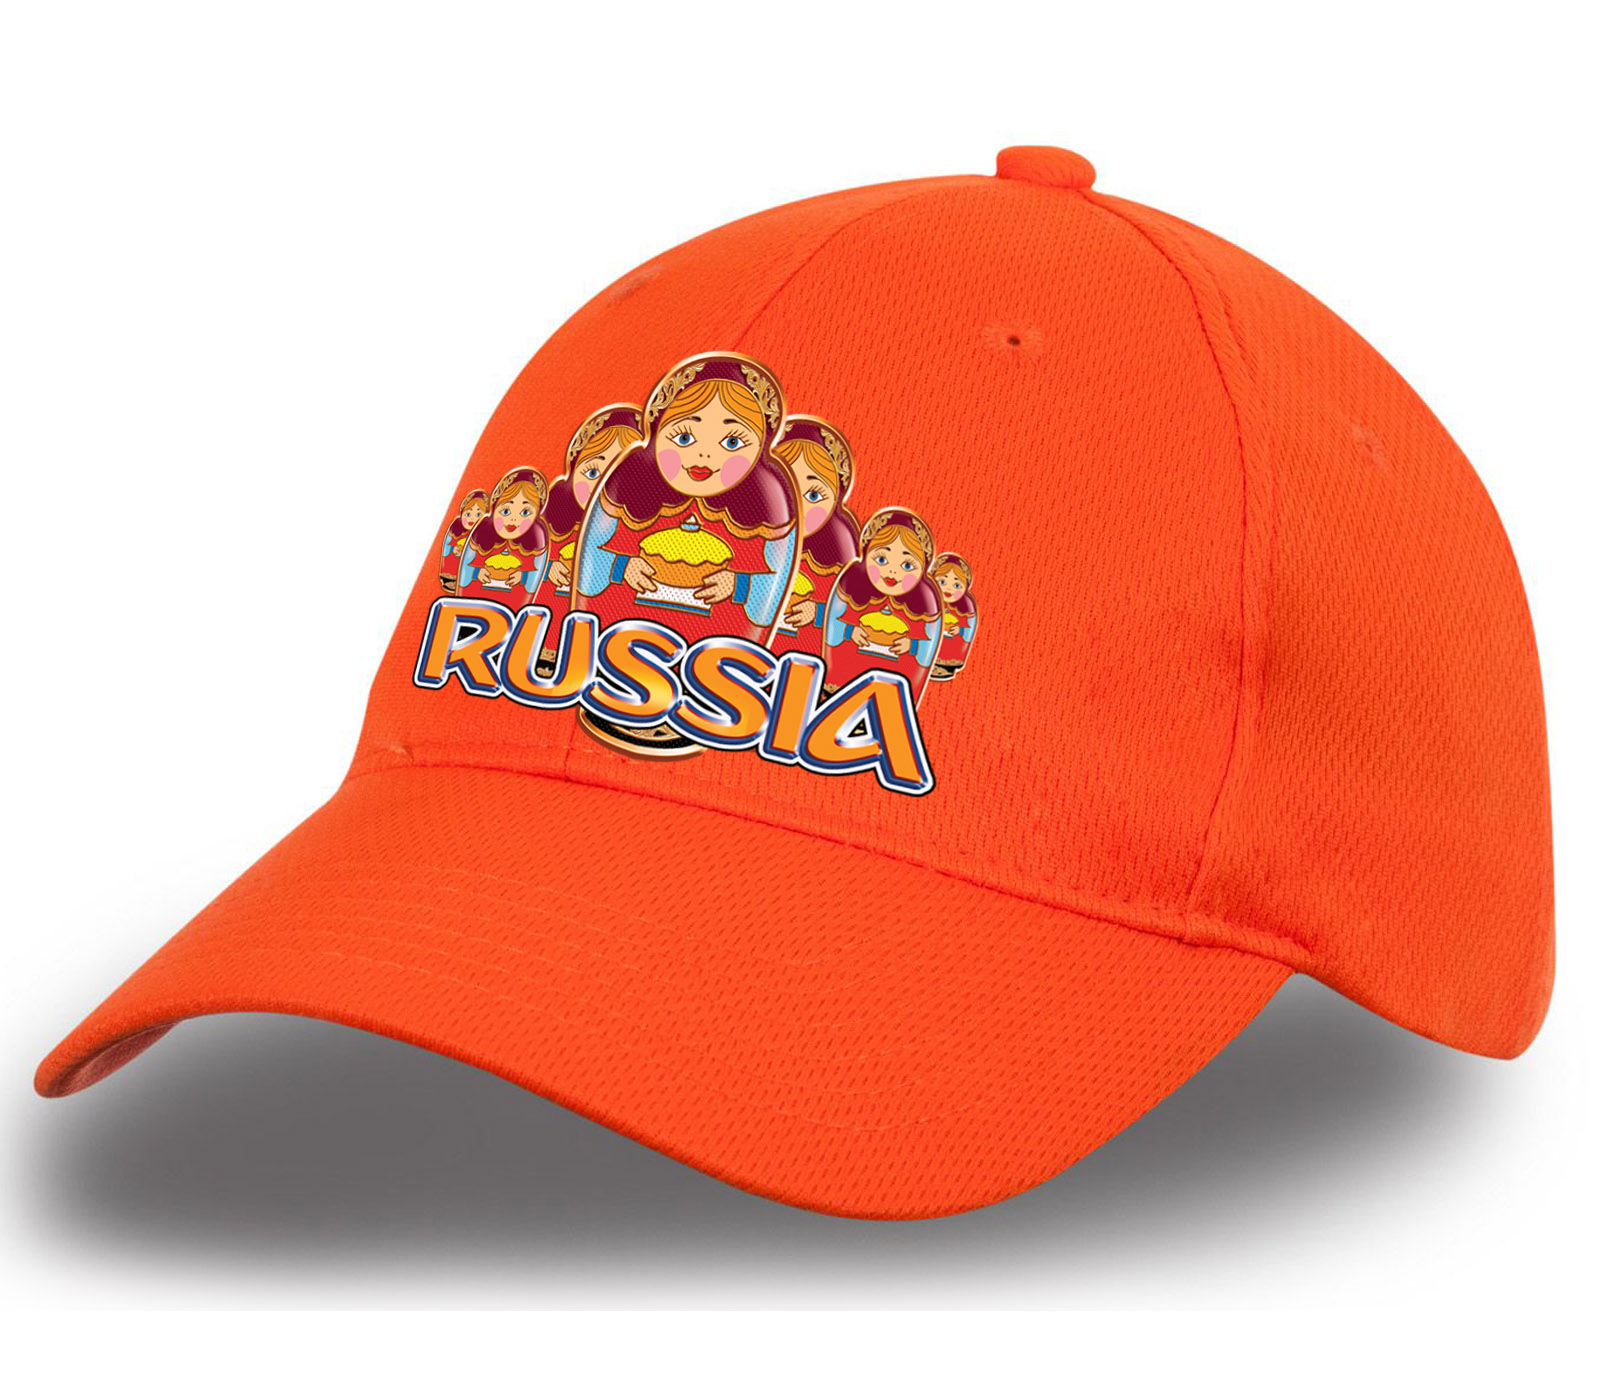 """Жизнерадостная бейсболка """"Russia"""" с матрешками. Эффектный головной убор. Заказывай и выделяйся!"""